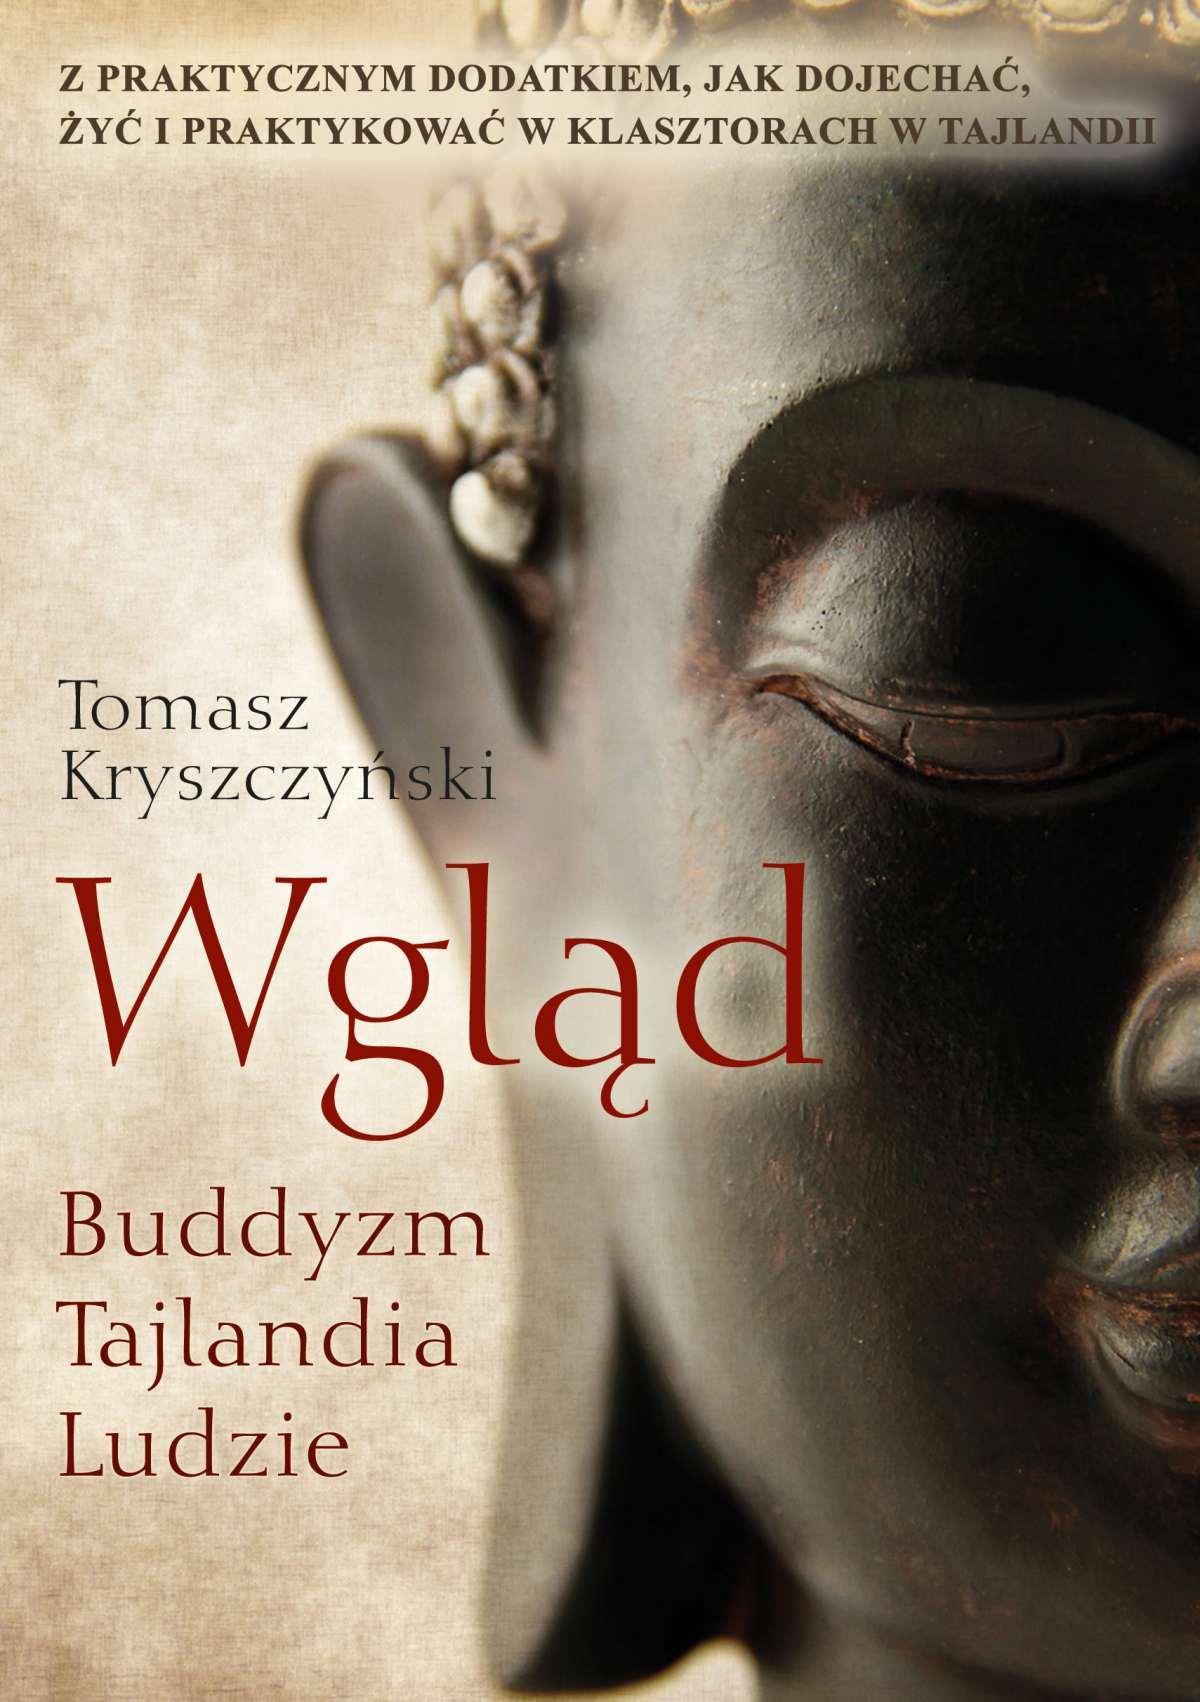 Wgląd. Buddyzm, Tajlandia, Ludzie - Ebook (Książka EPUB) do pobrania w formacie EPUB